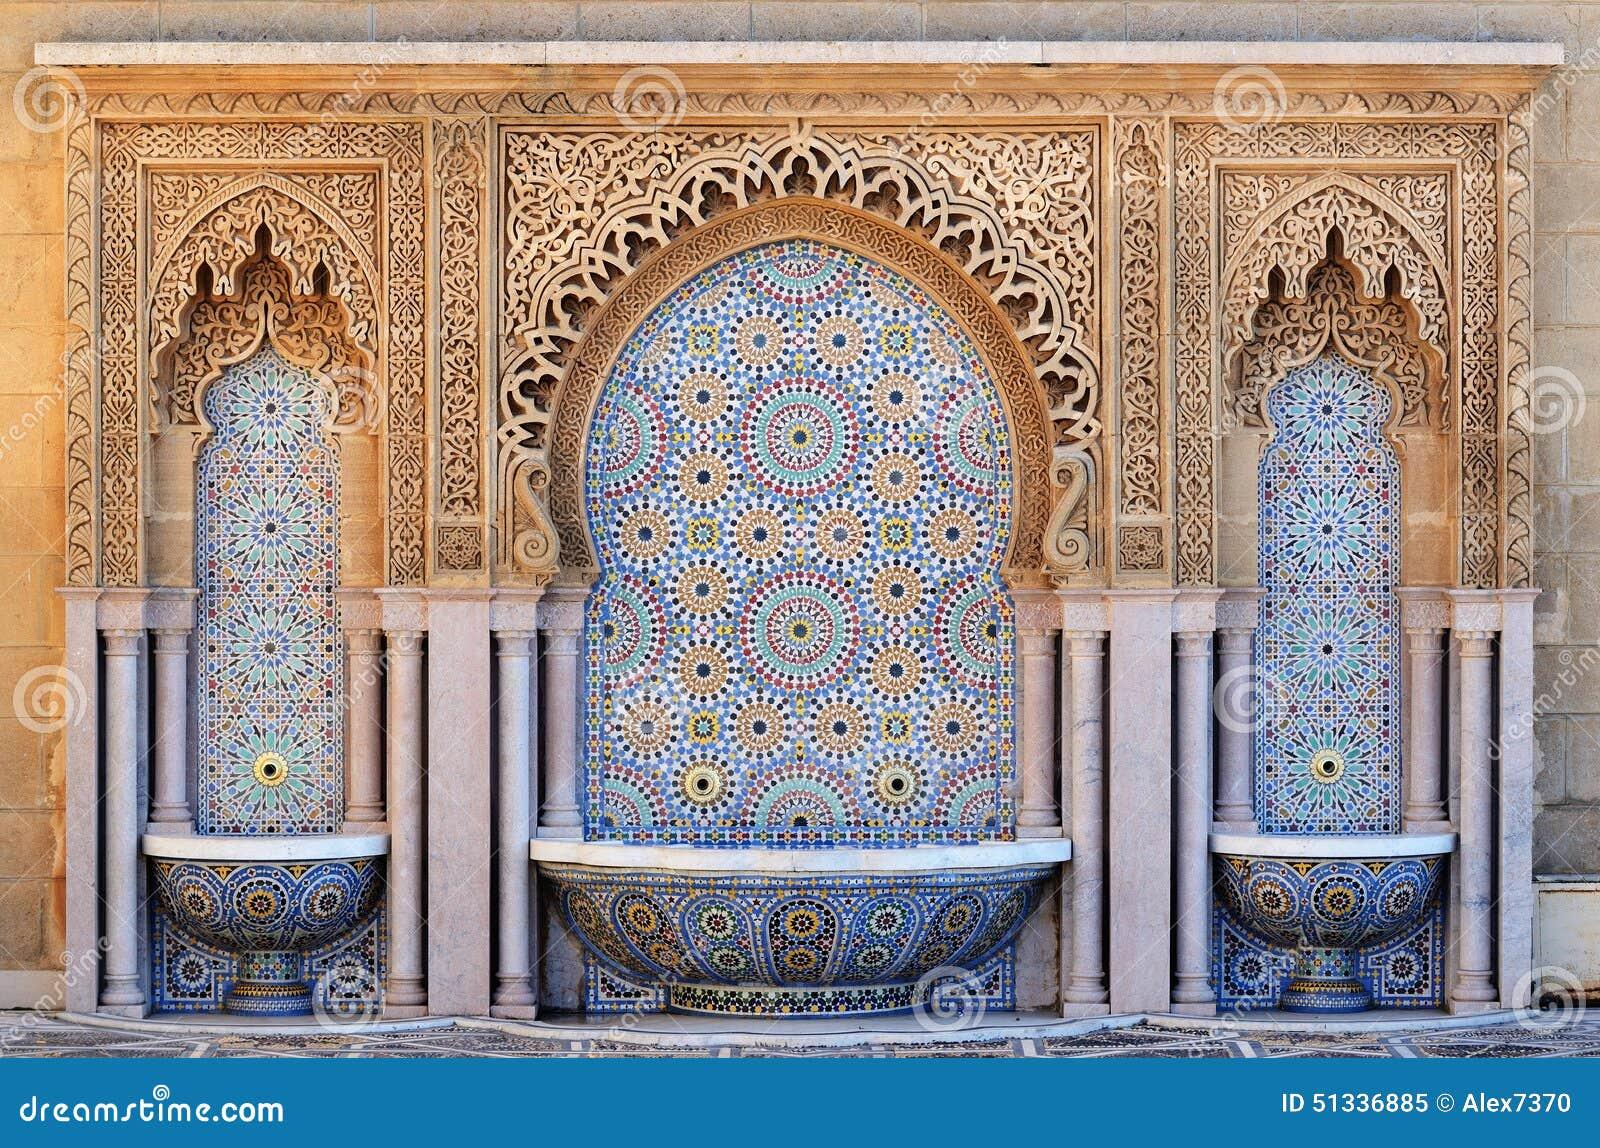 Украшенный фонтан с плитками мозаики в Рабате, Марокко